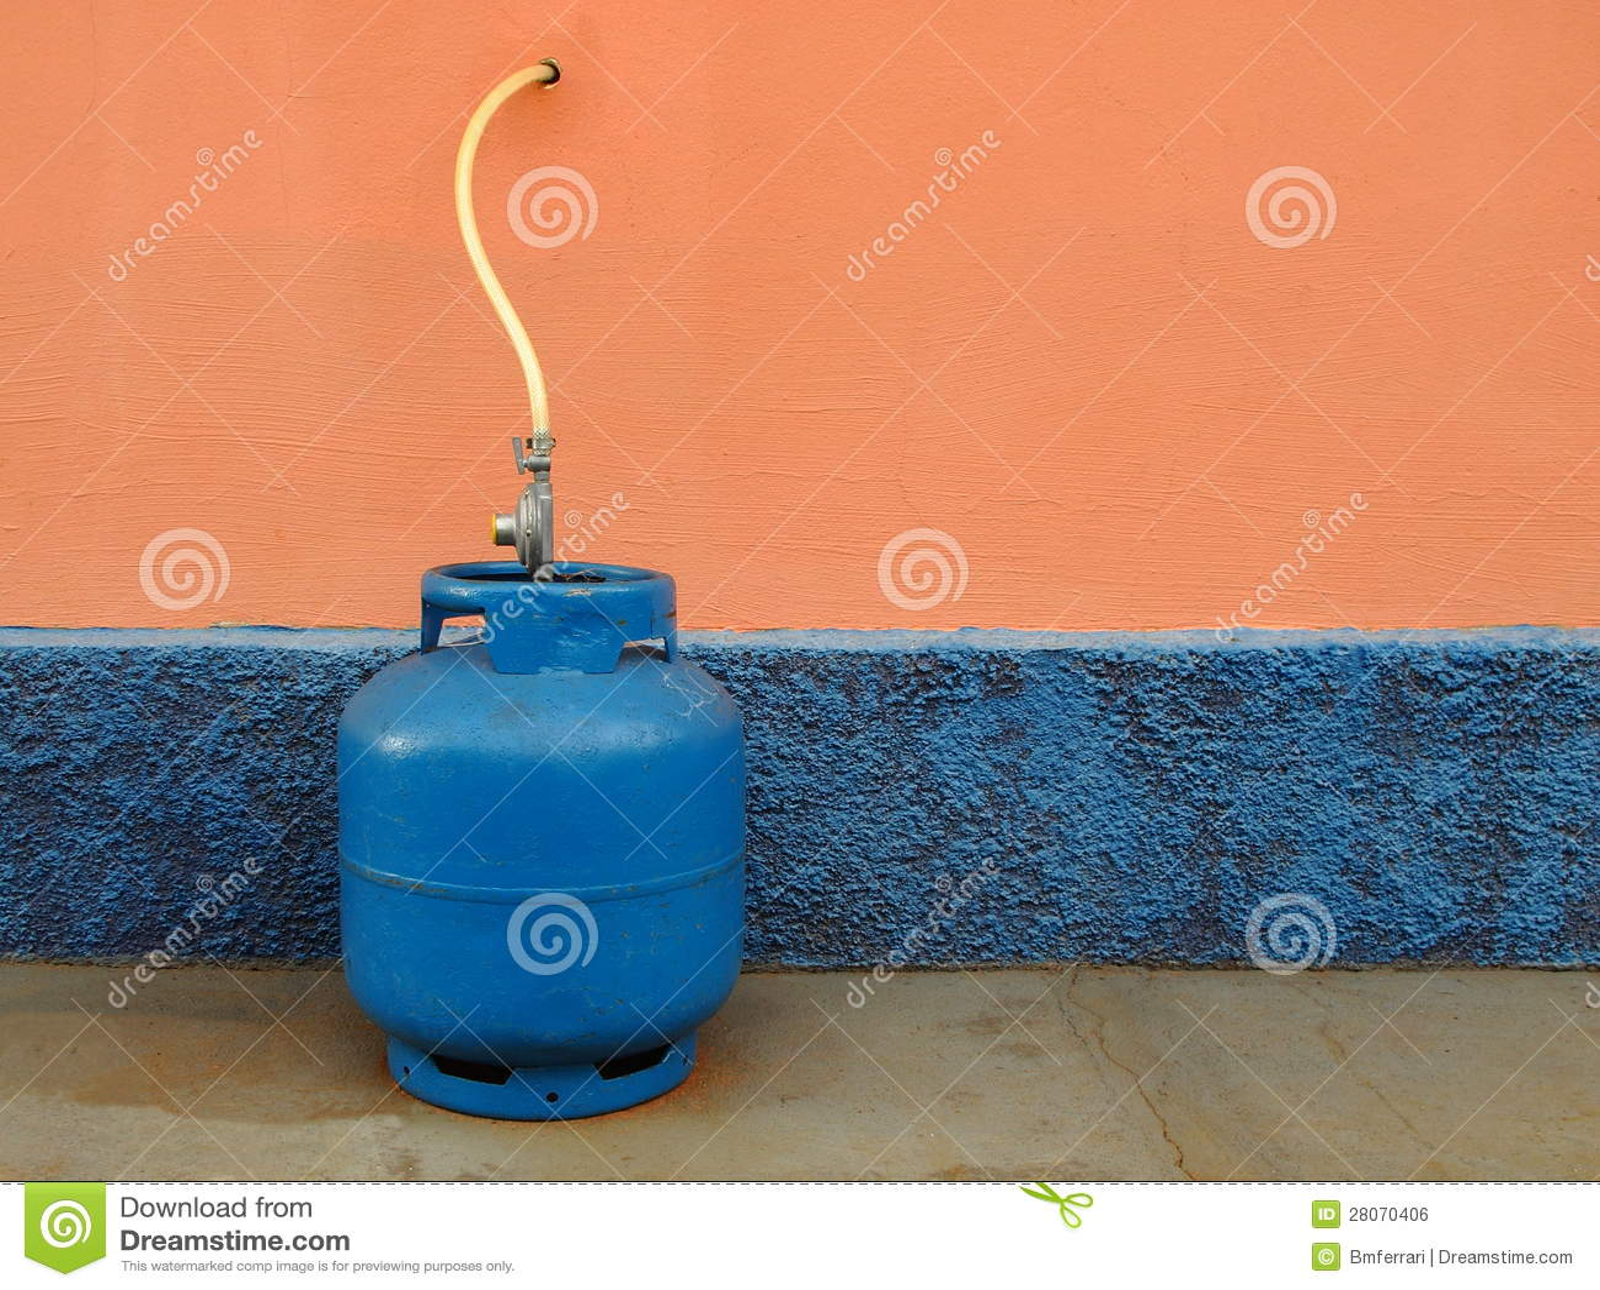 Bombola per gas della cucina immagine stock libera da - Bombola gas cucina prezzo ...